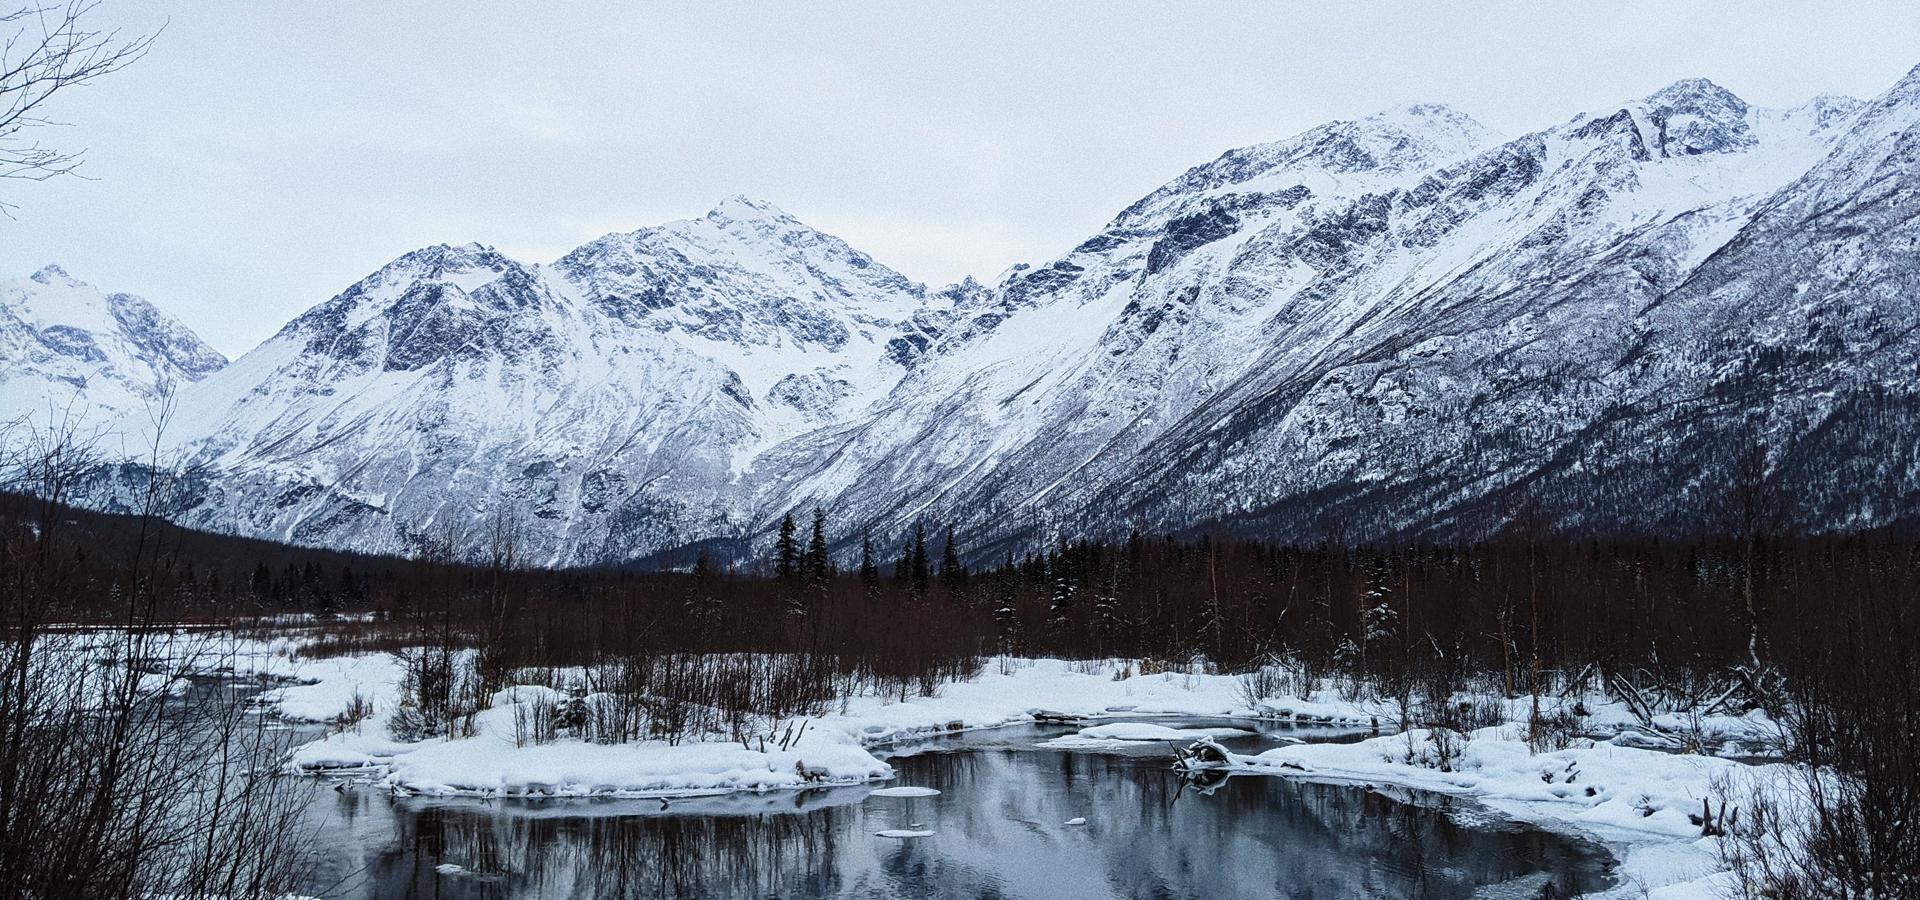 <b>America/Anchorage/Alaska</b>